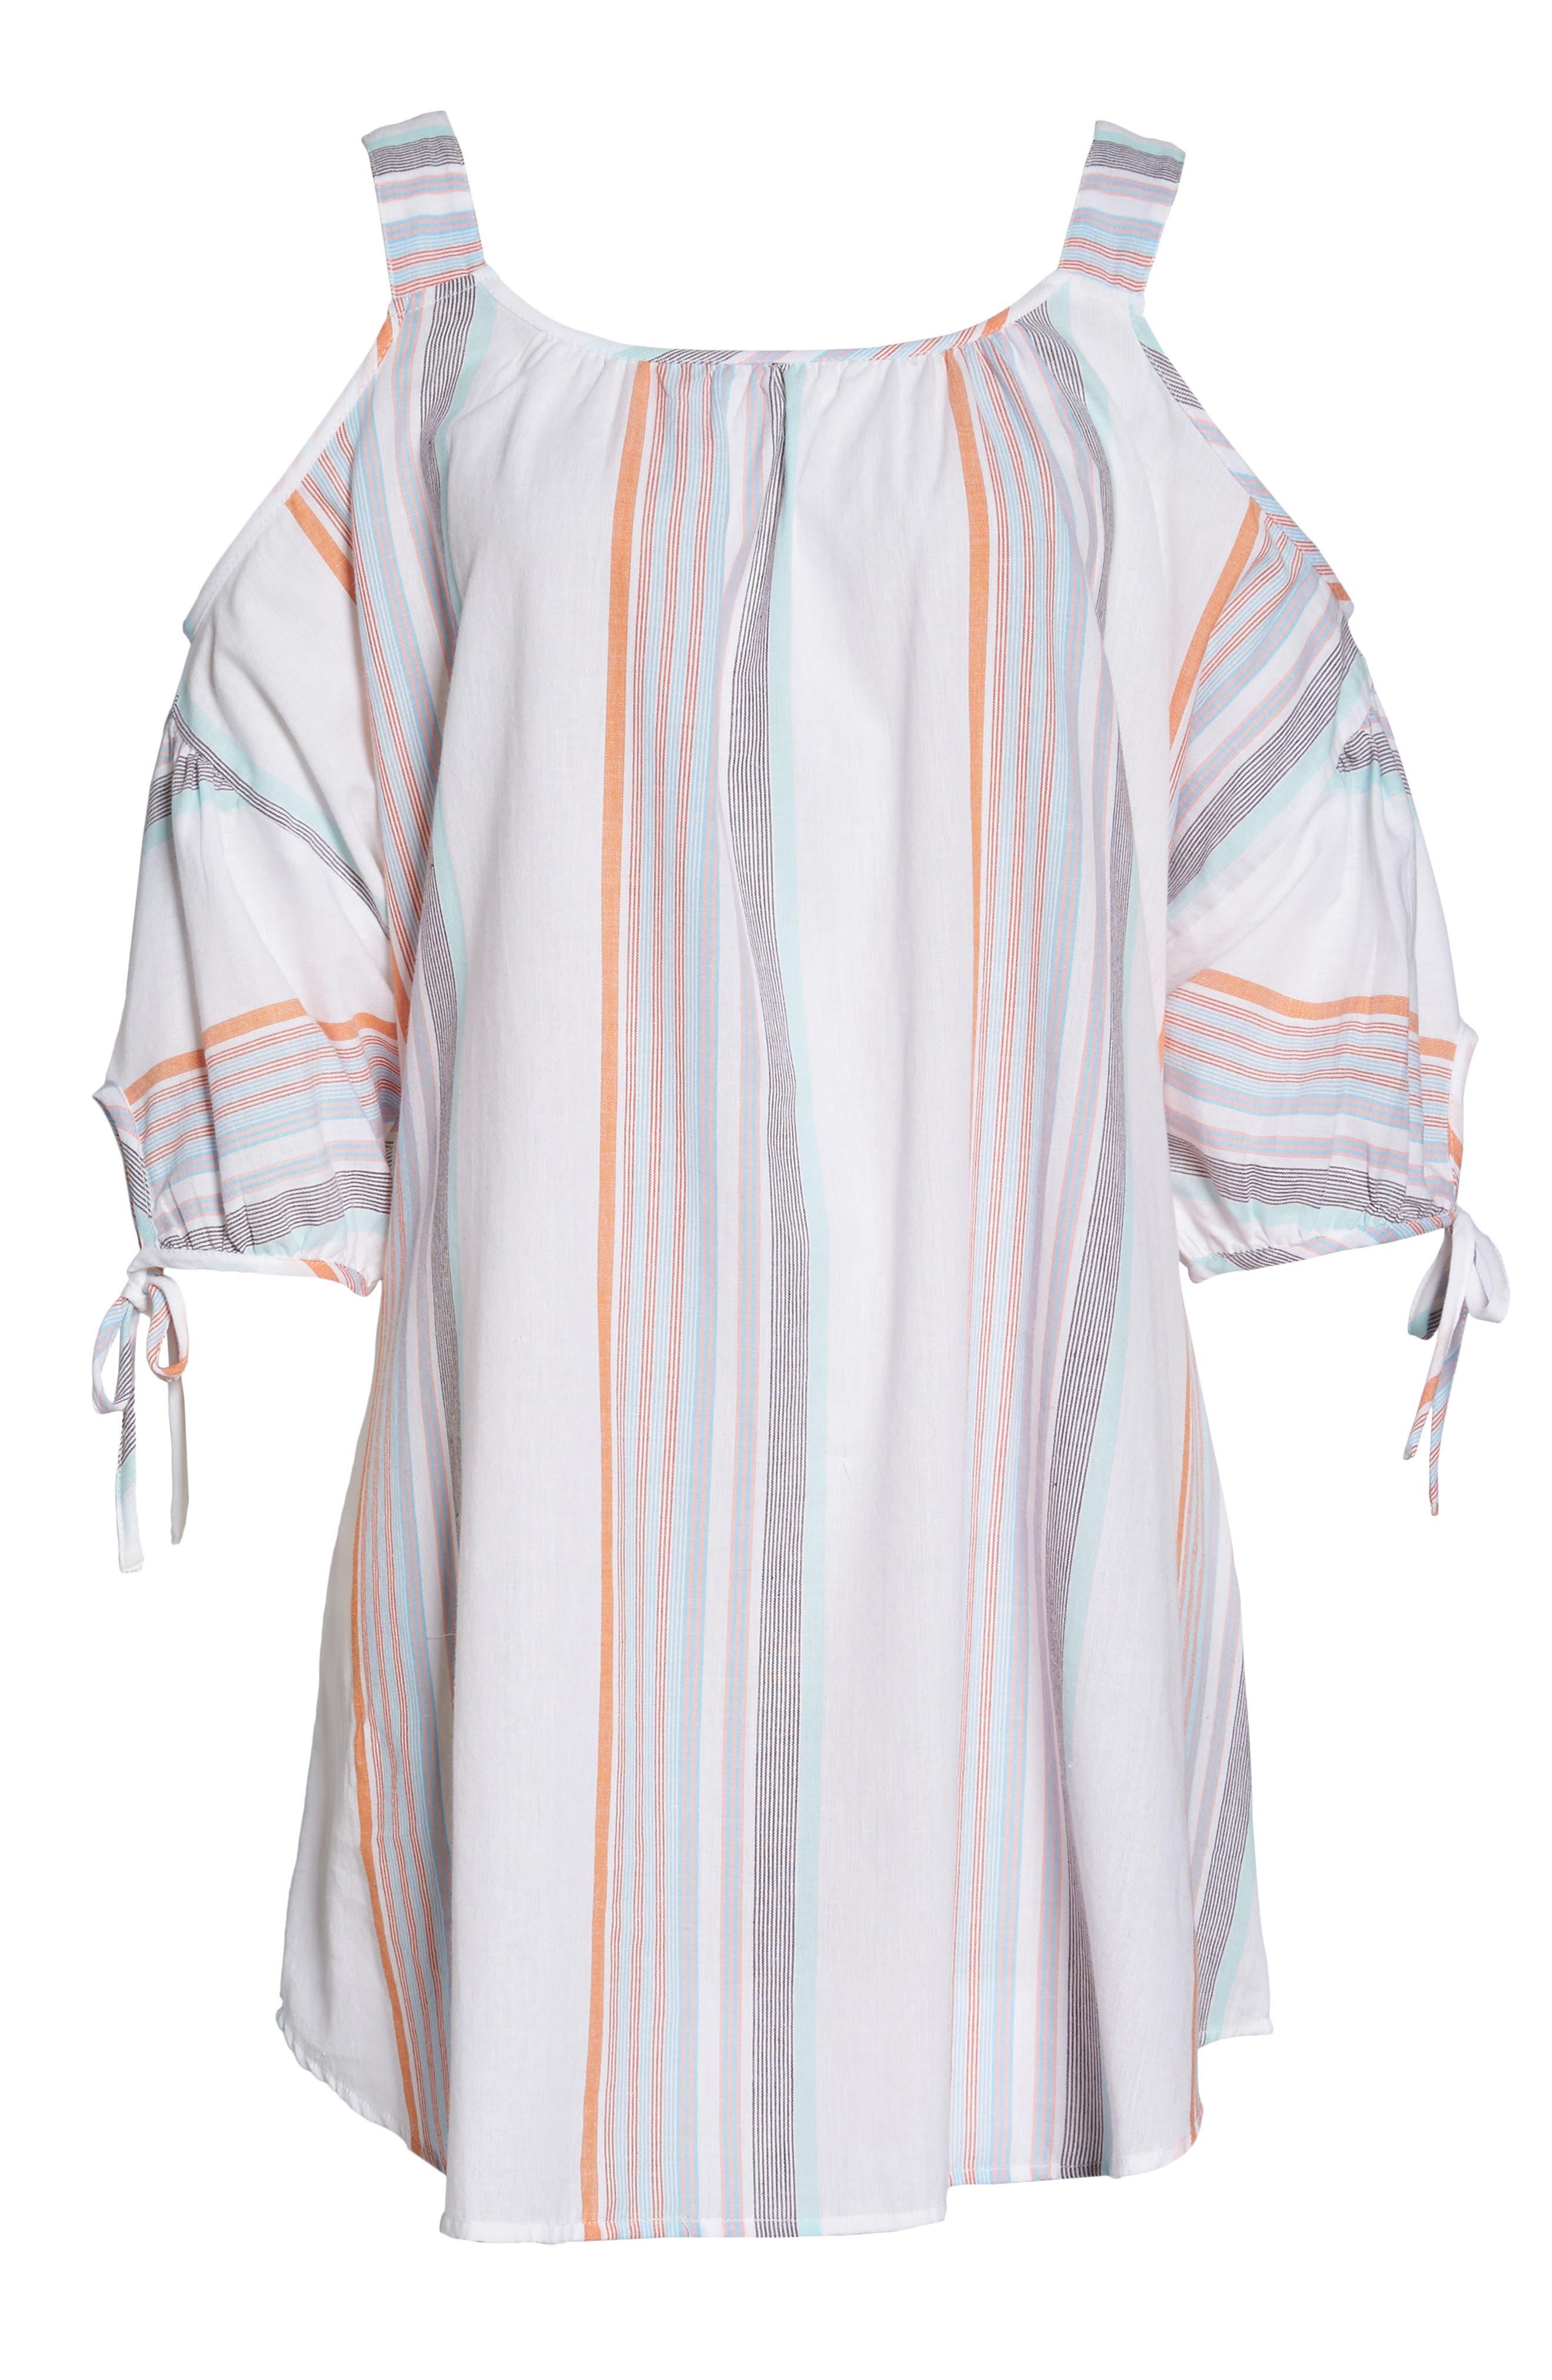 Sunset Stripe Cold Shoulder Cover-Up Dress,                             Alternate thumbnail 6, color,                             100